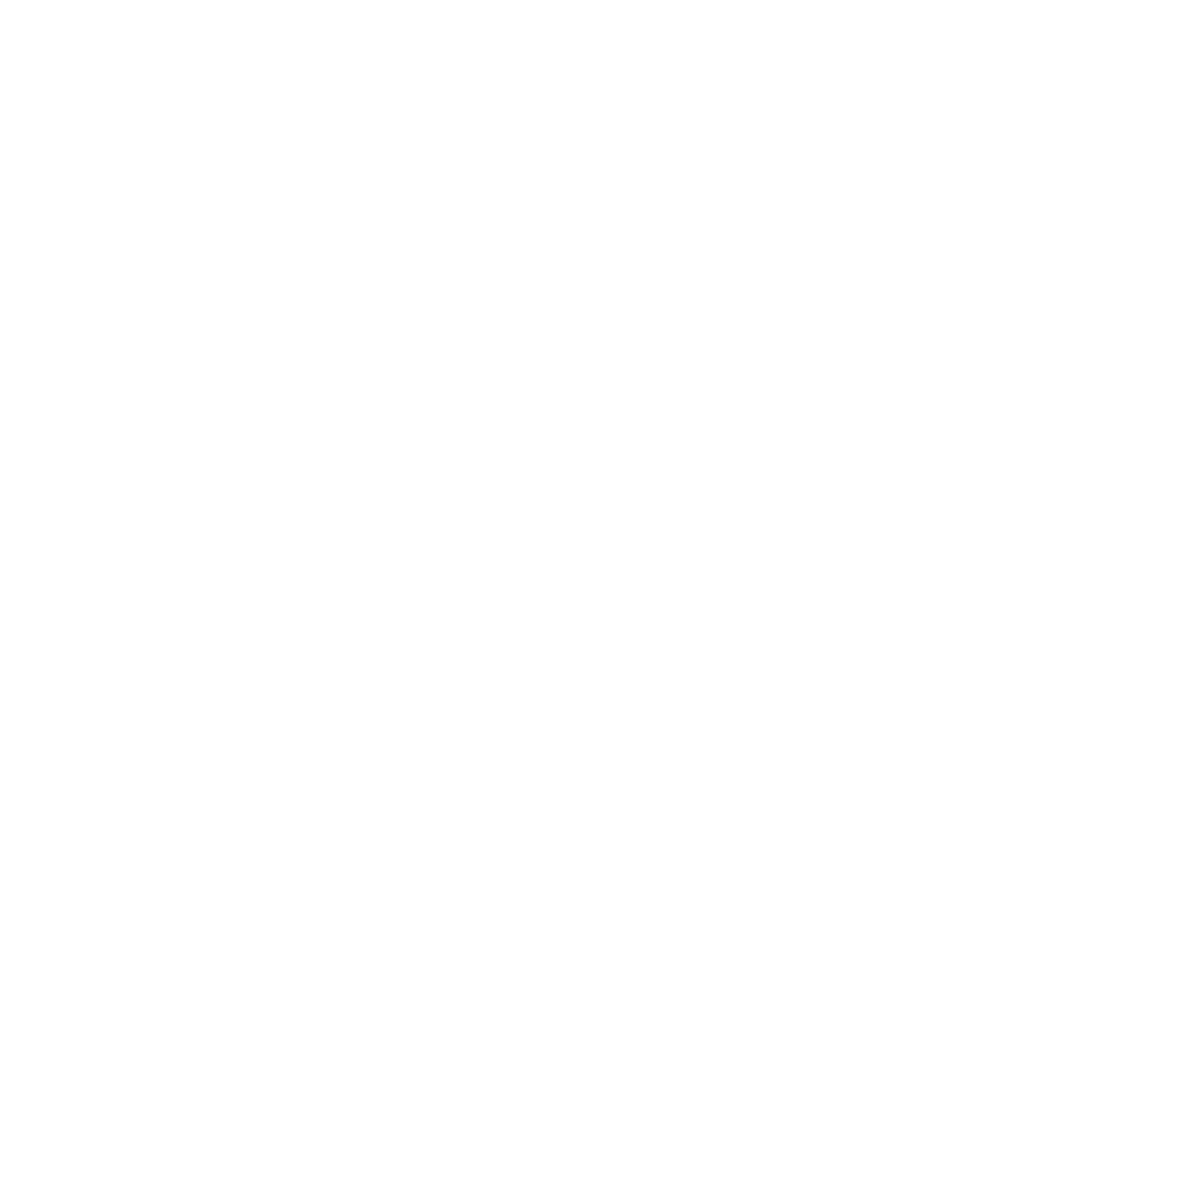 noun_Camera_1888053_ffffff.png